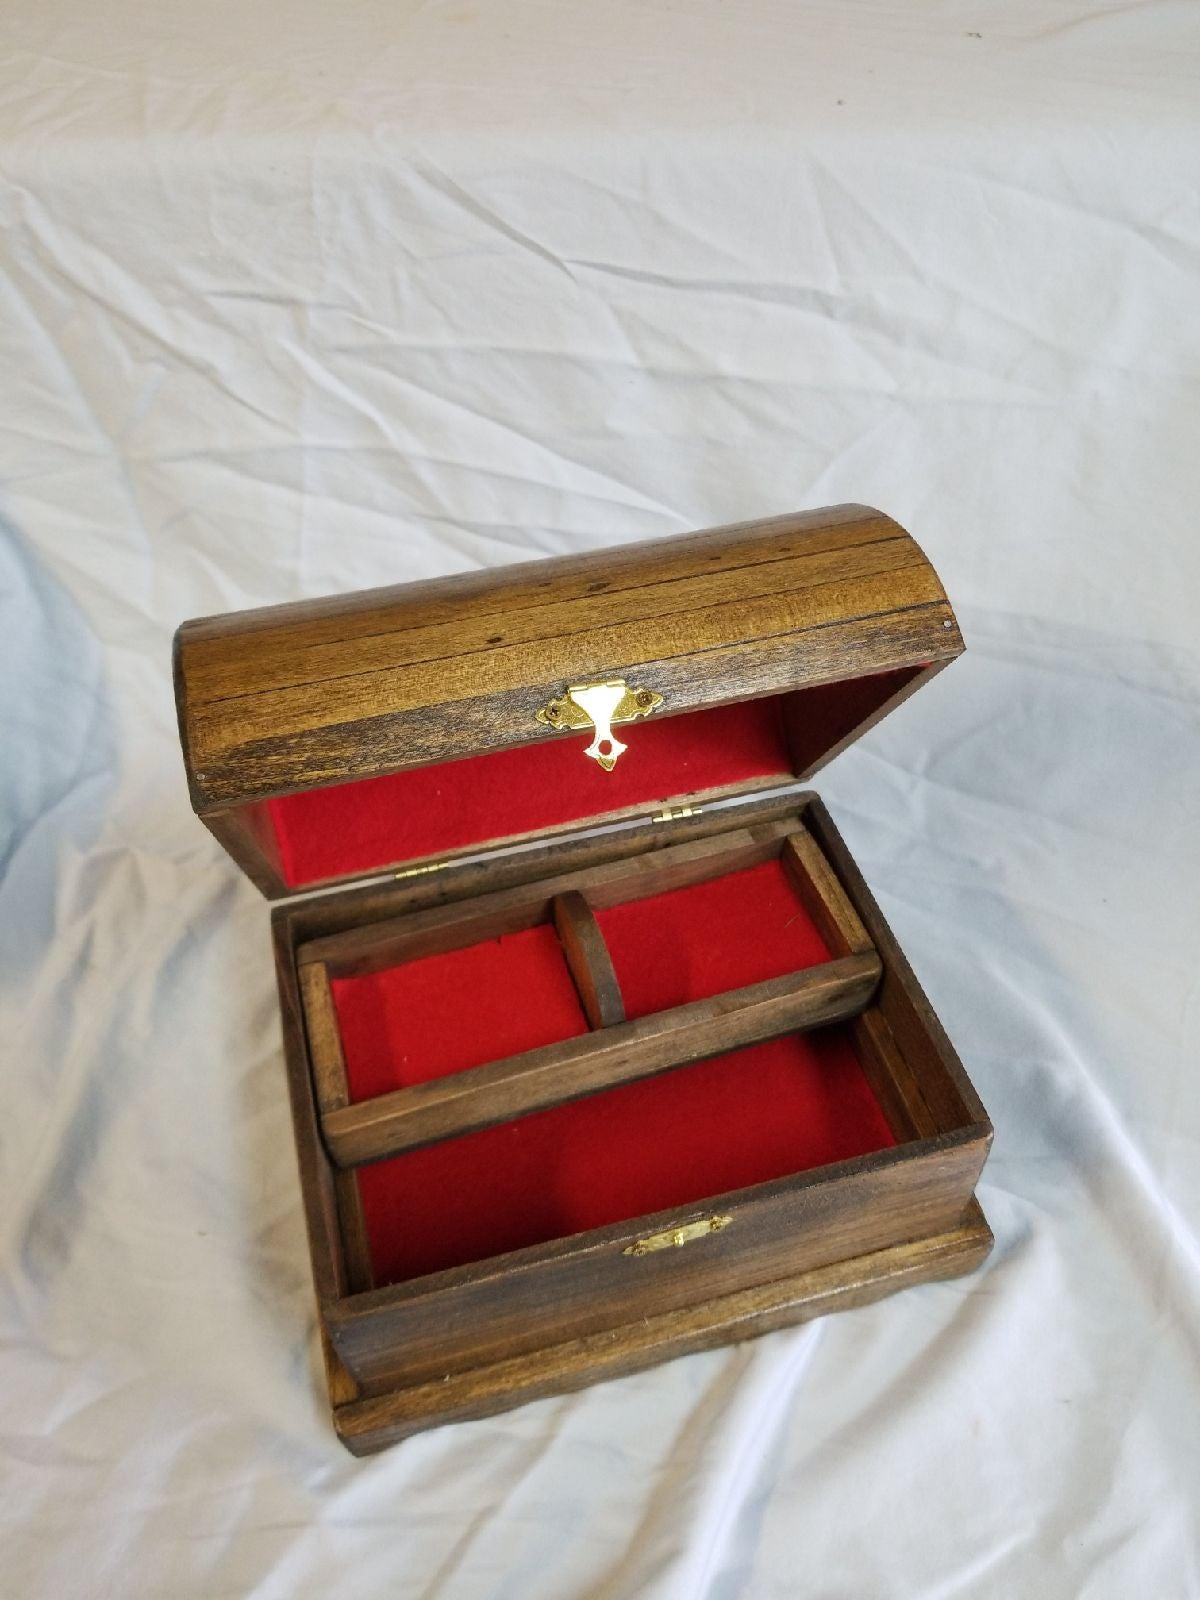 Handmade treasure chest jewelry box.